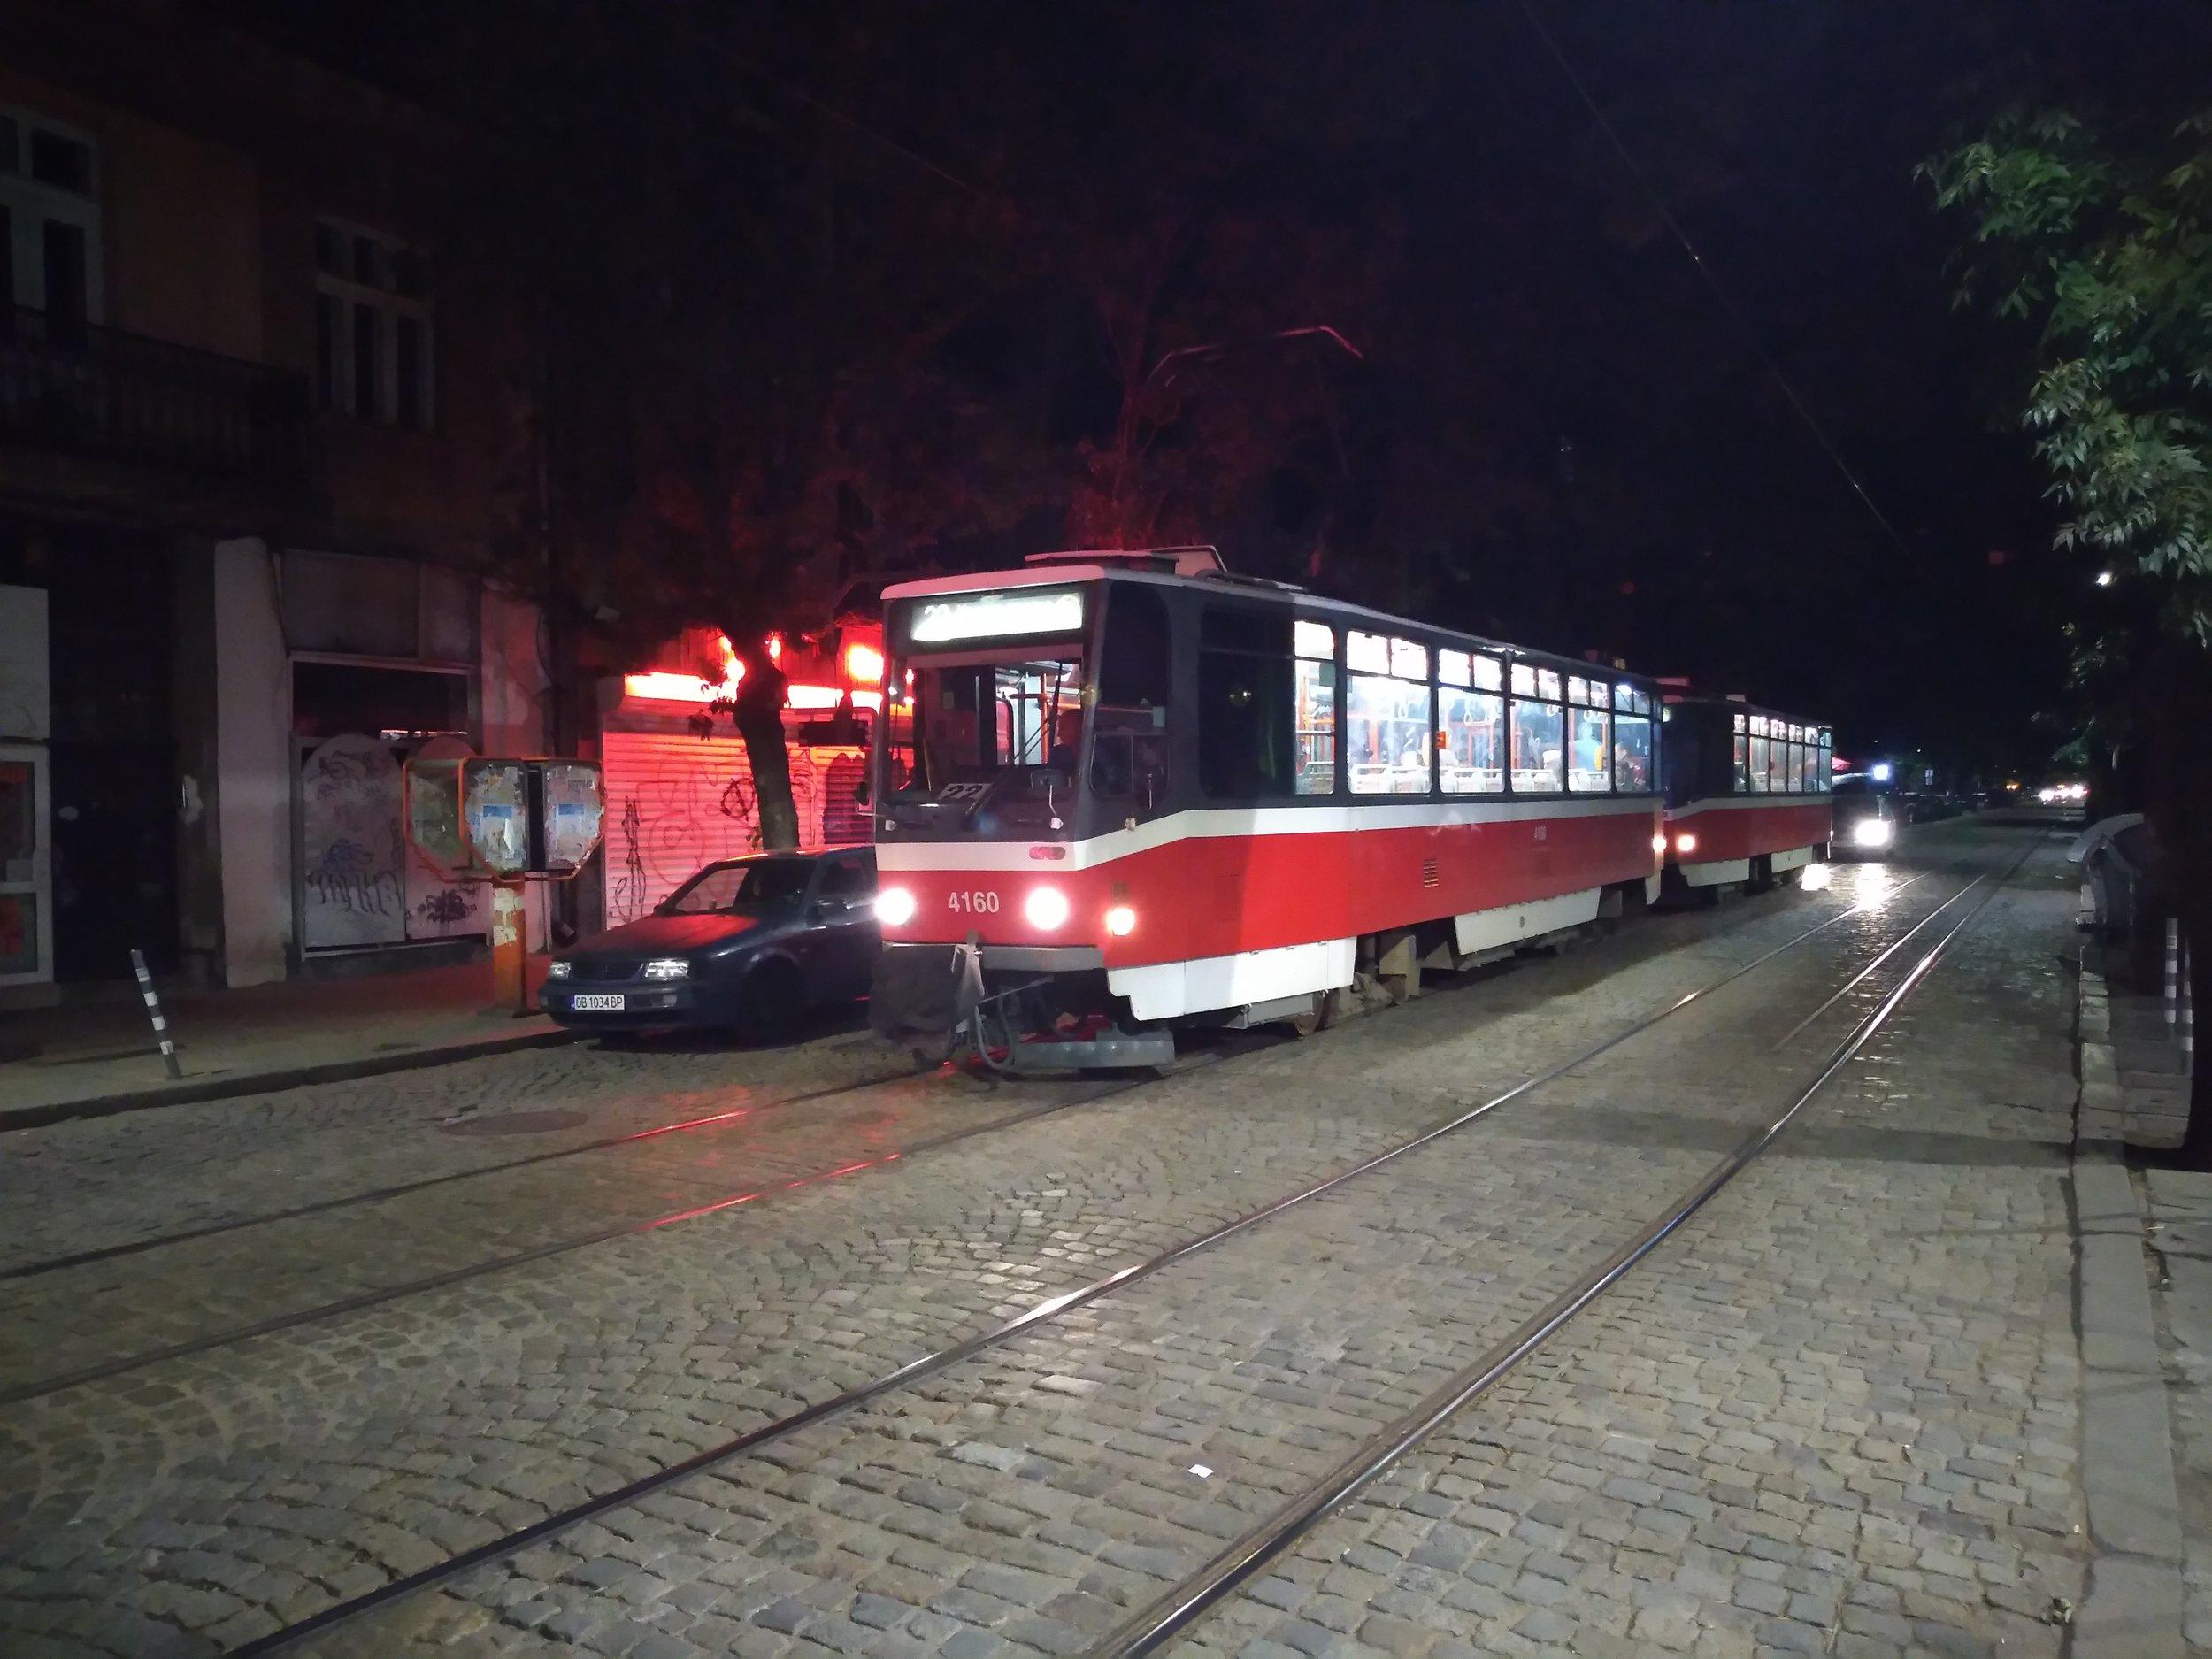 Na závěr i nějaká česká tramvaj... Cestovat tramvají po Sofii v nočních hodinách není kvůli všudepřítomným podivným existencím zrovna doporučeníhodný zážitek.